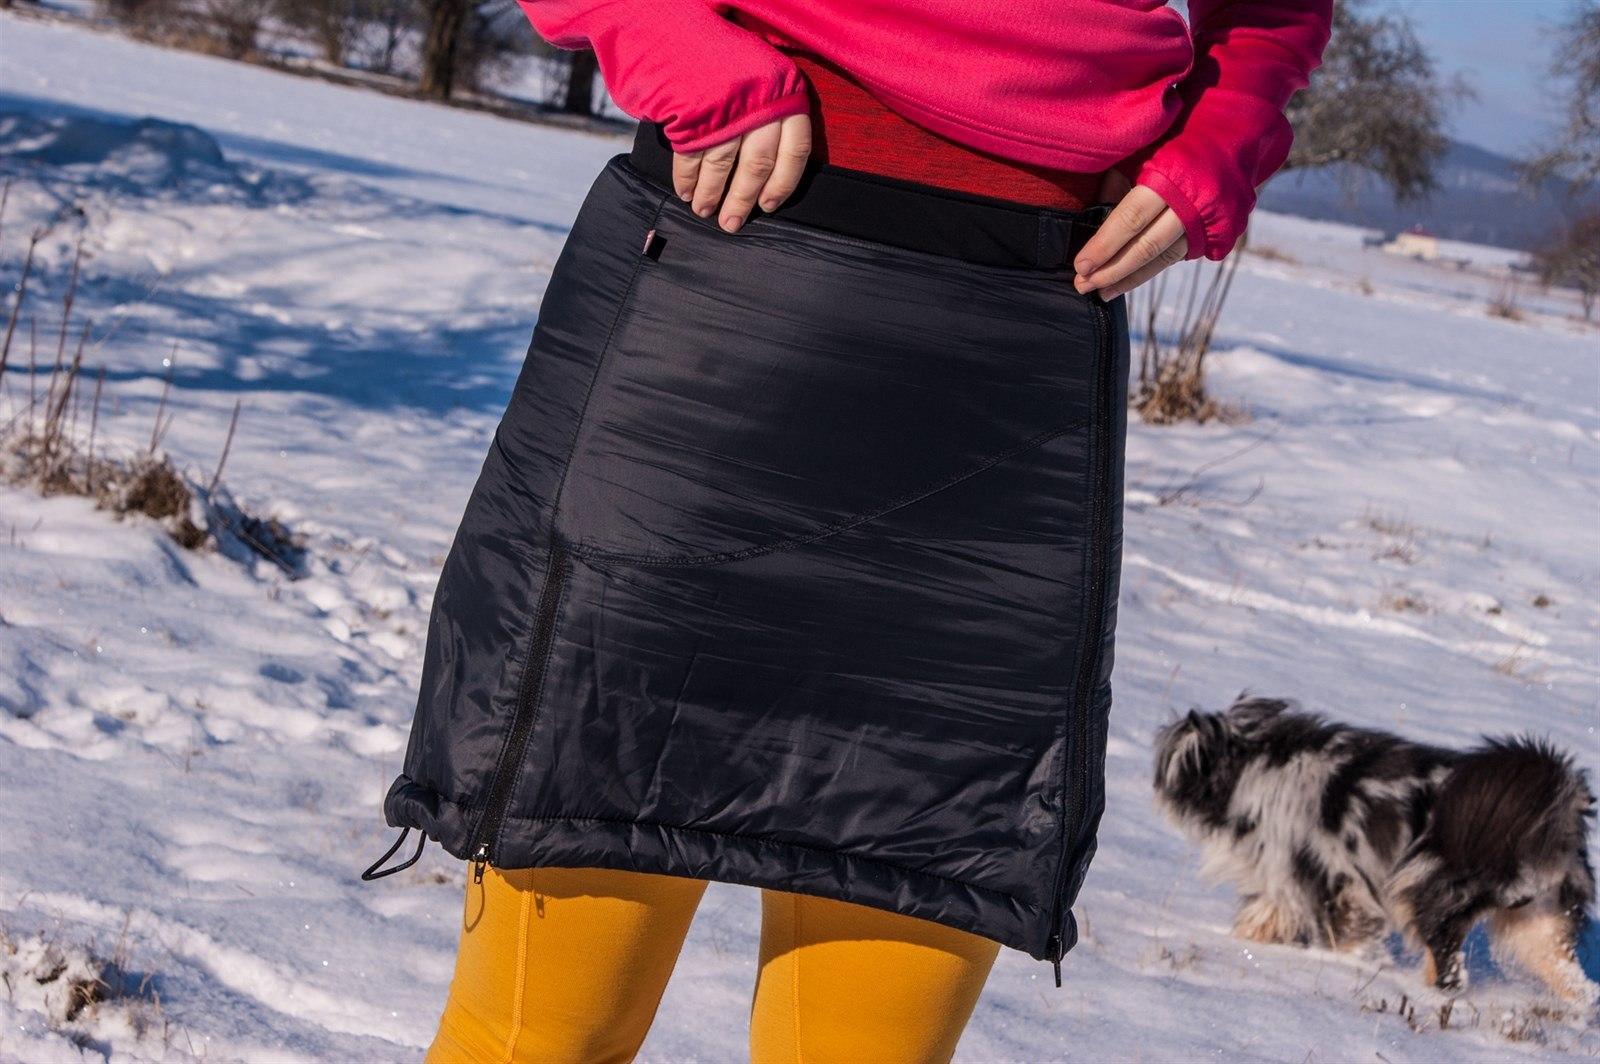 ff43c95d674 Fotogalerie  TEST  Zimní sukně Skhoop Gretchen zateplená pomocí Windstopperu  a dutého vlákna